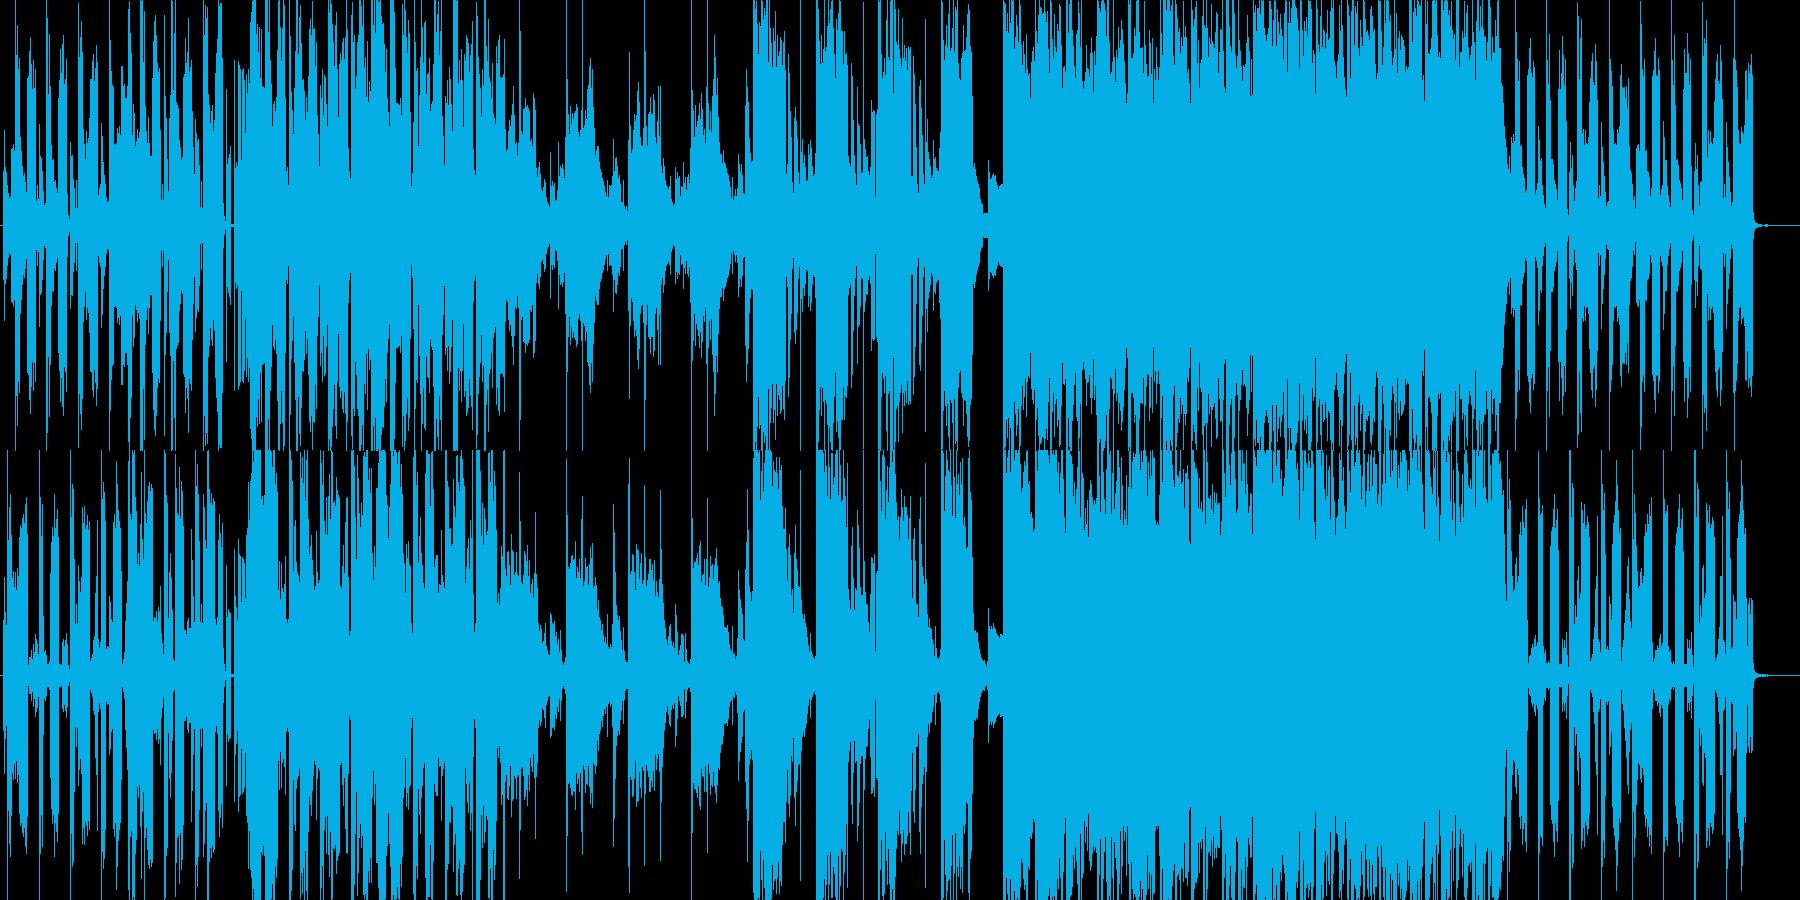 おしゃれな映像作品に合いそうな楽曲の再生済みの波形